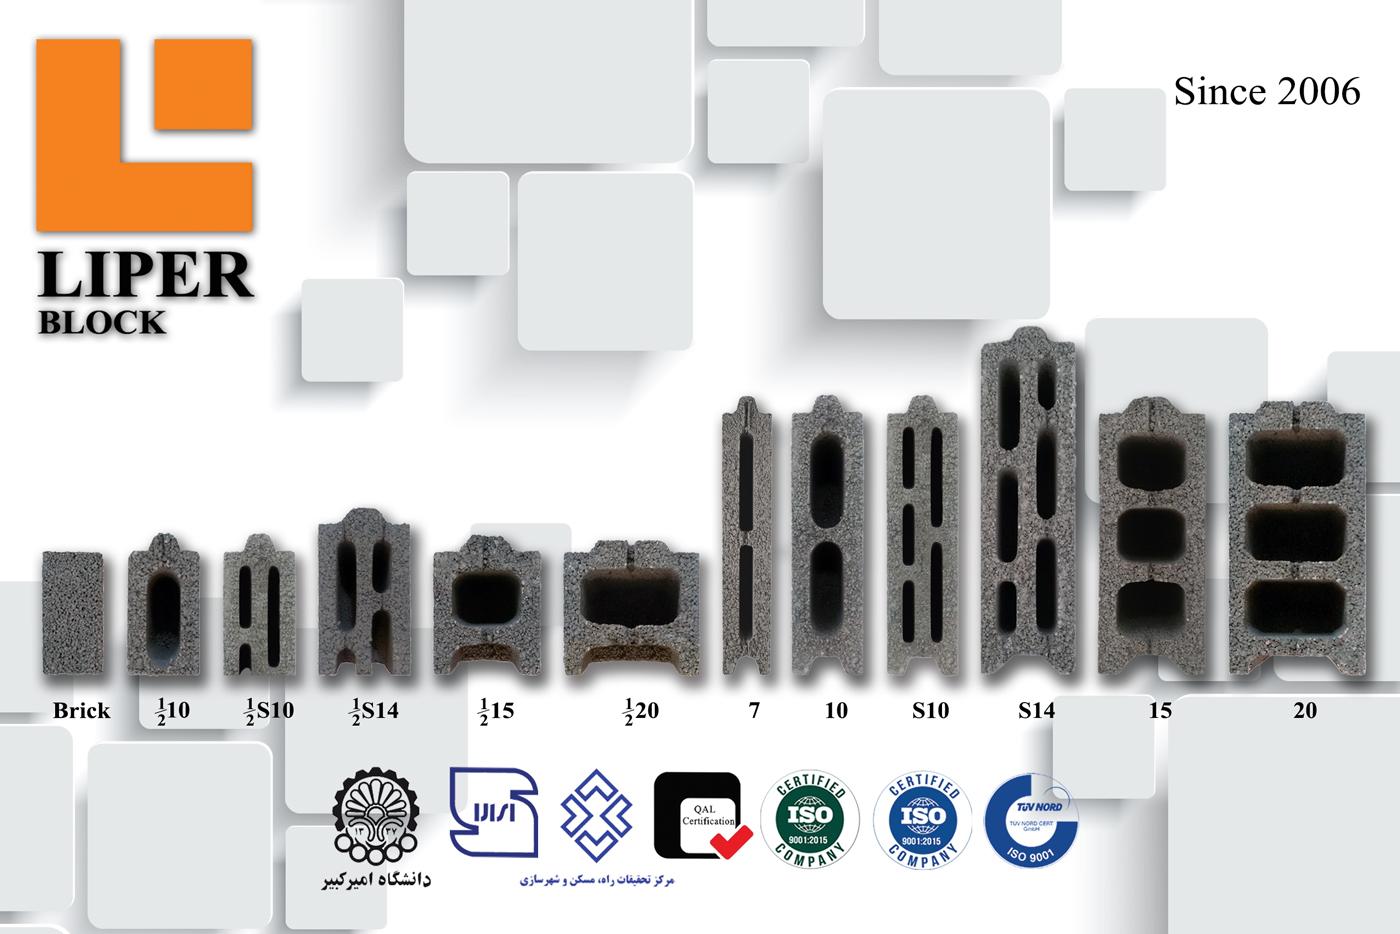 انواع بلوک سبک لیپر